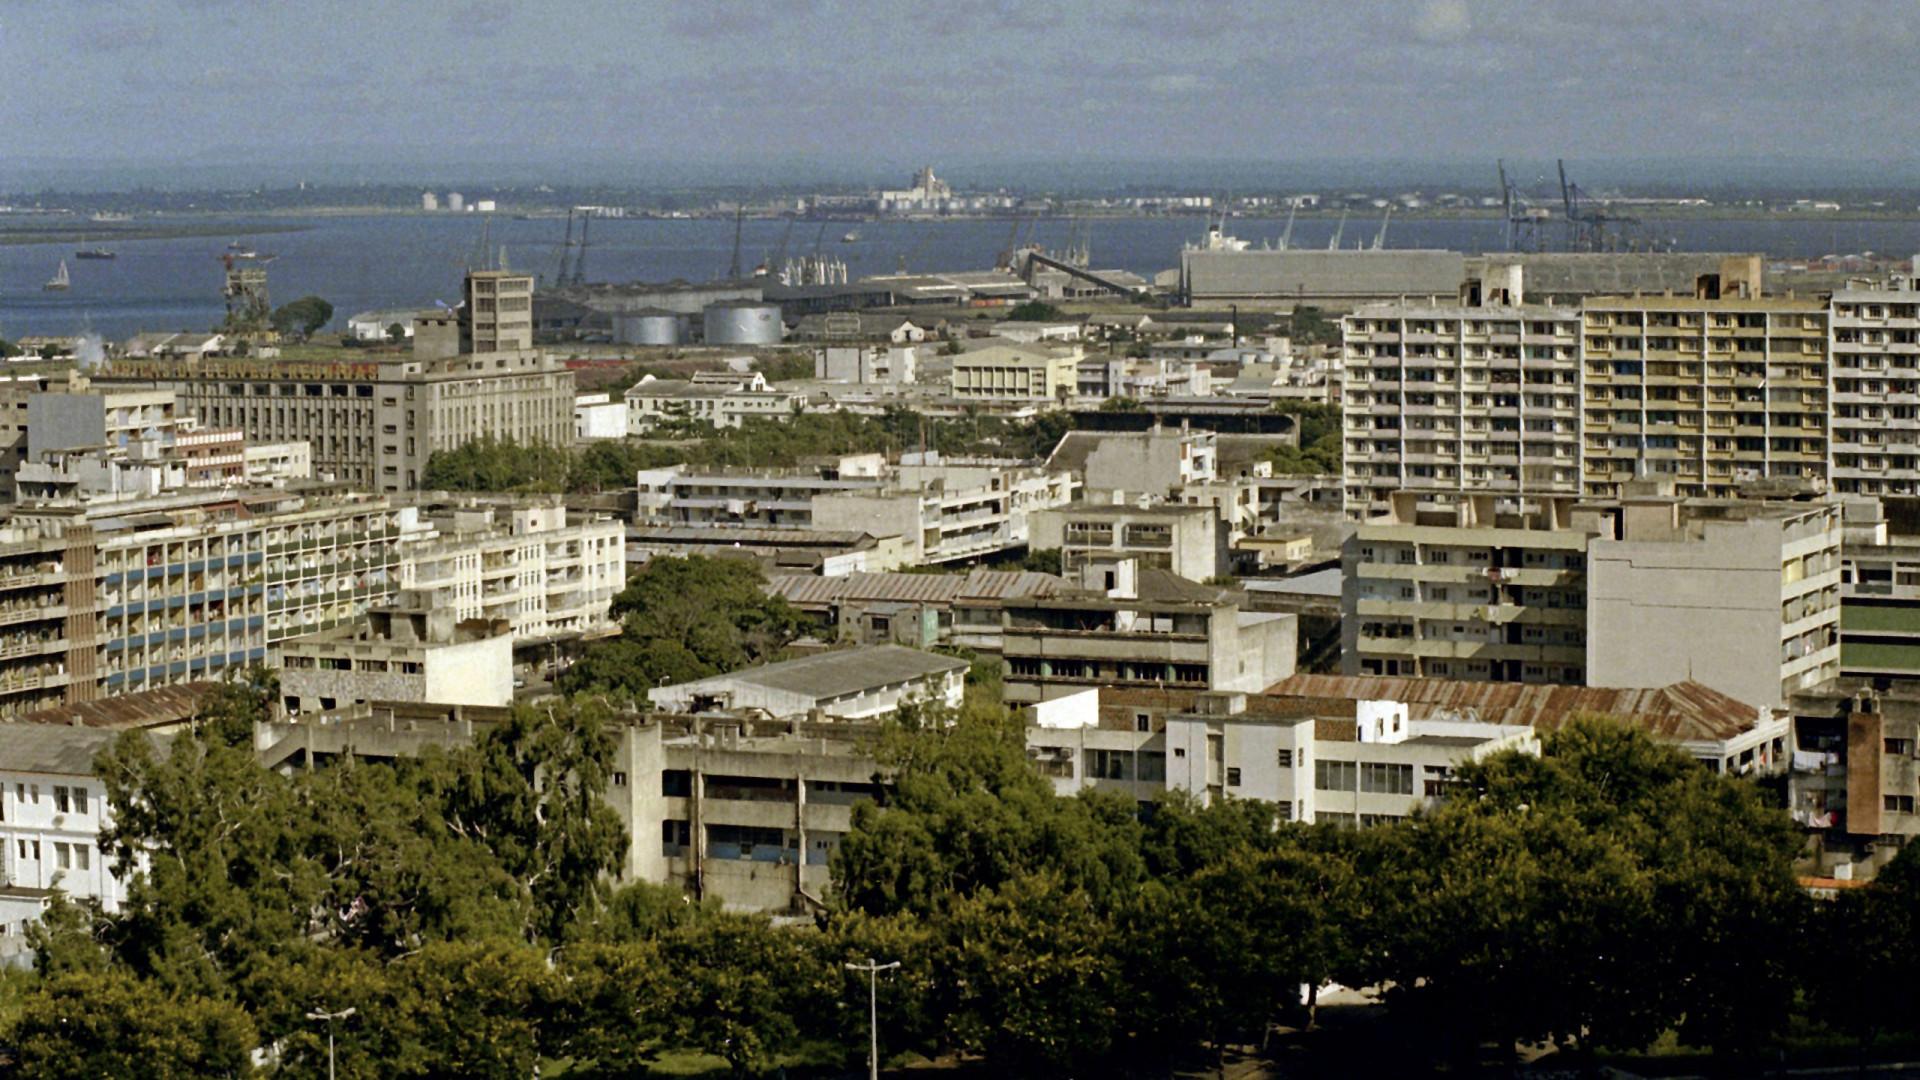 Incêndio provoca avultados prejuízos em armazéns na baixa de Maputo